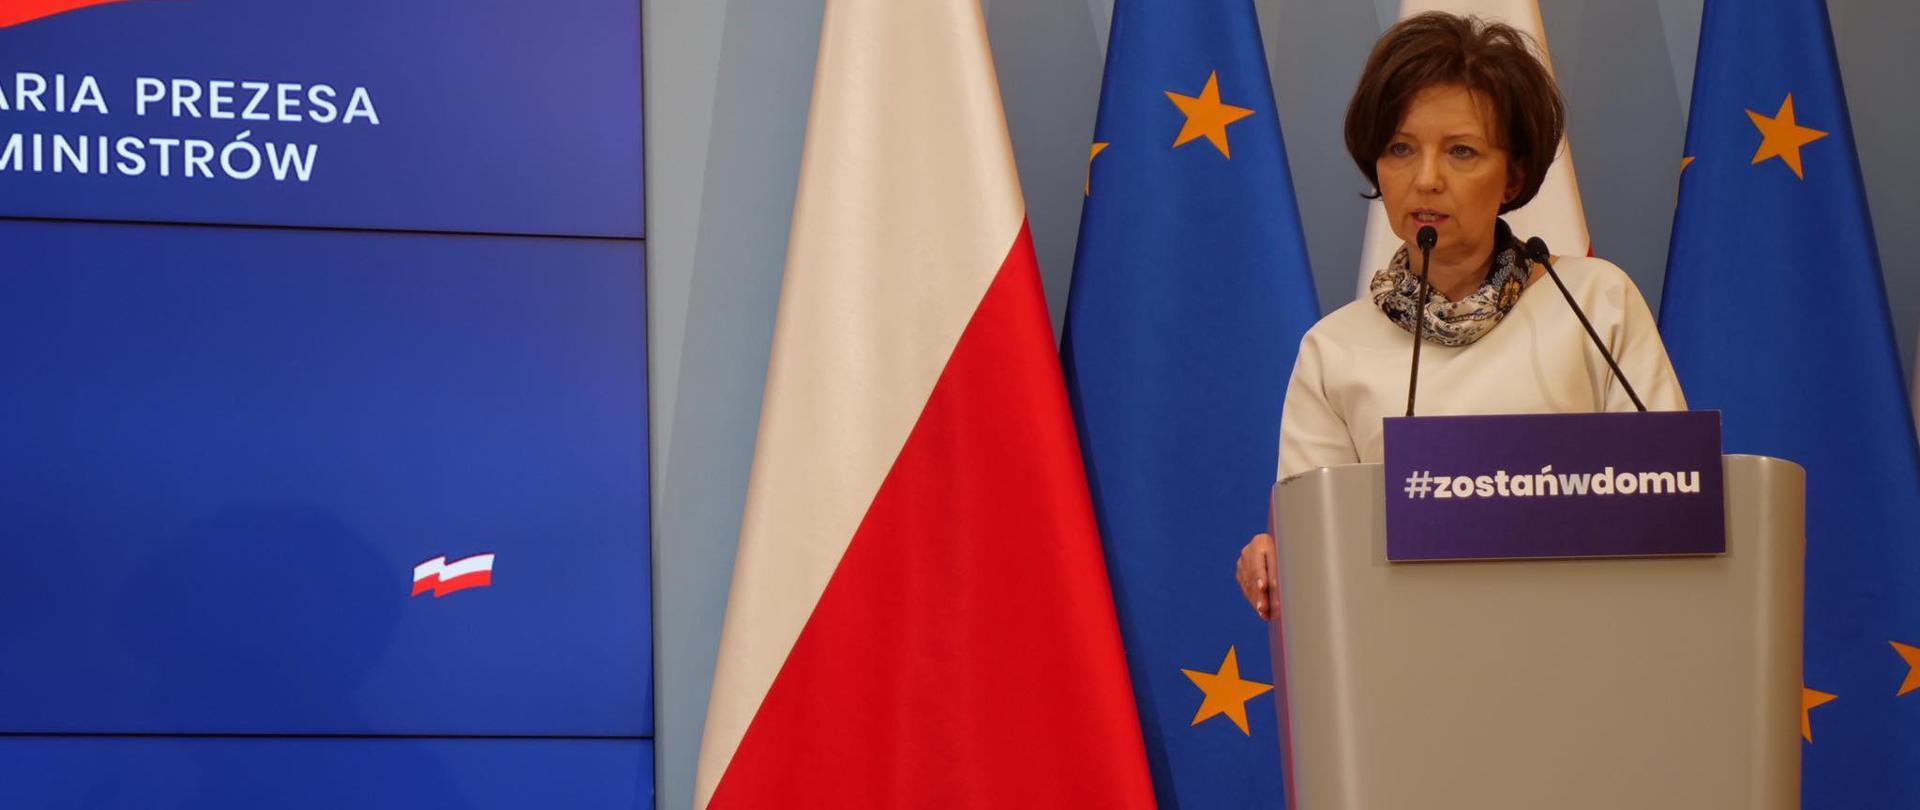 Minister Marlena Maląg na briefingu dot. wsparcia dla DPSów